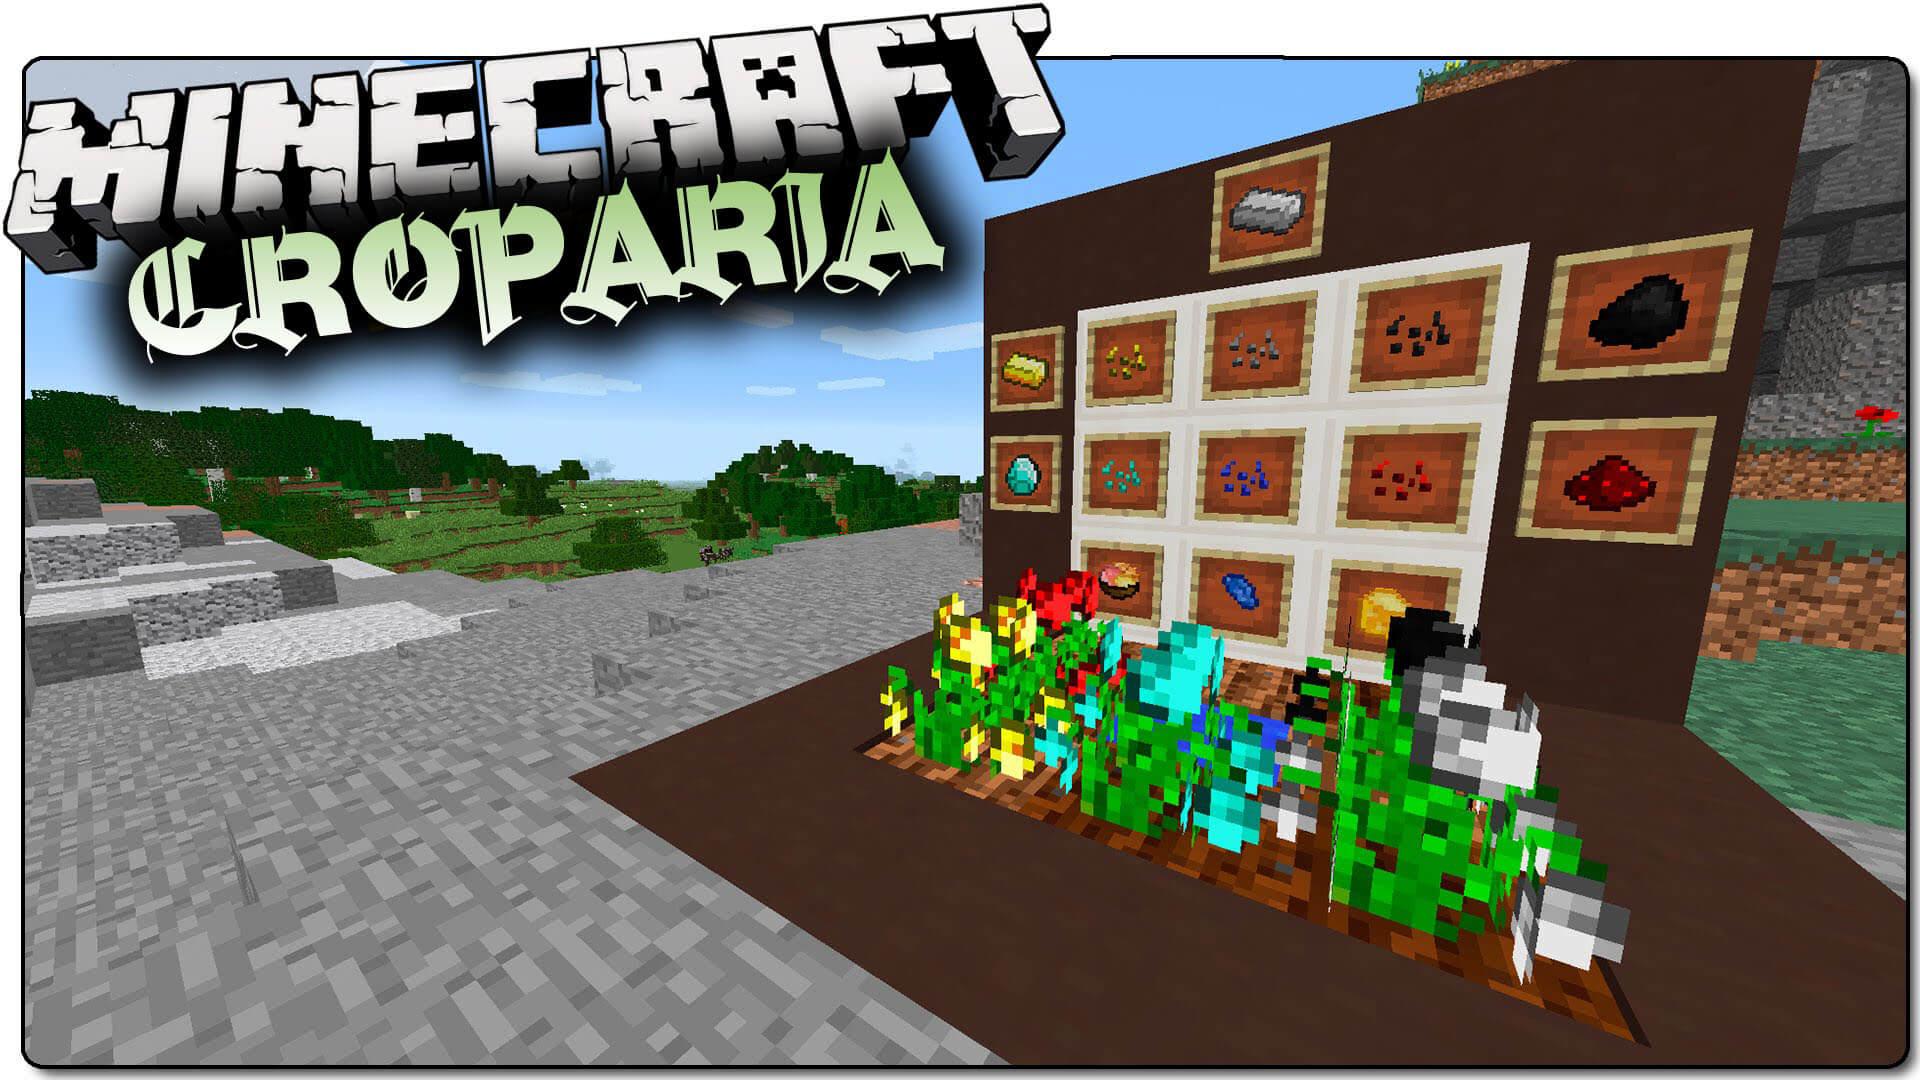 我的世界矿石作物/魔种之咏(Croparia)MOD